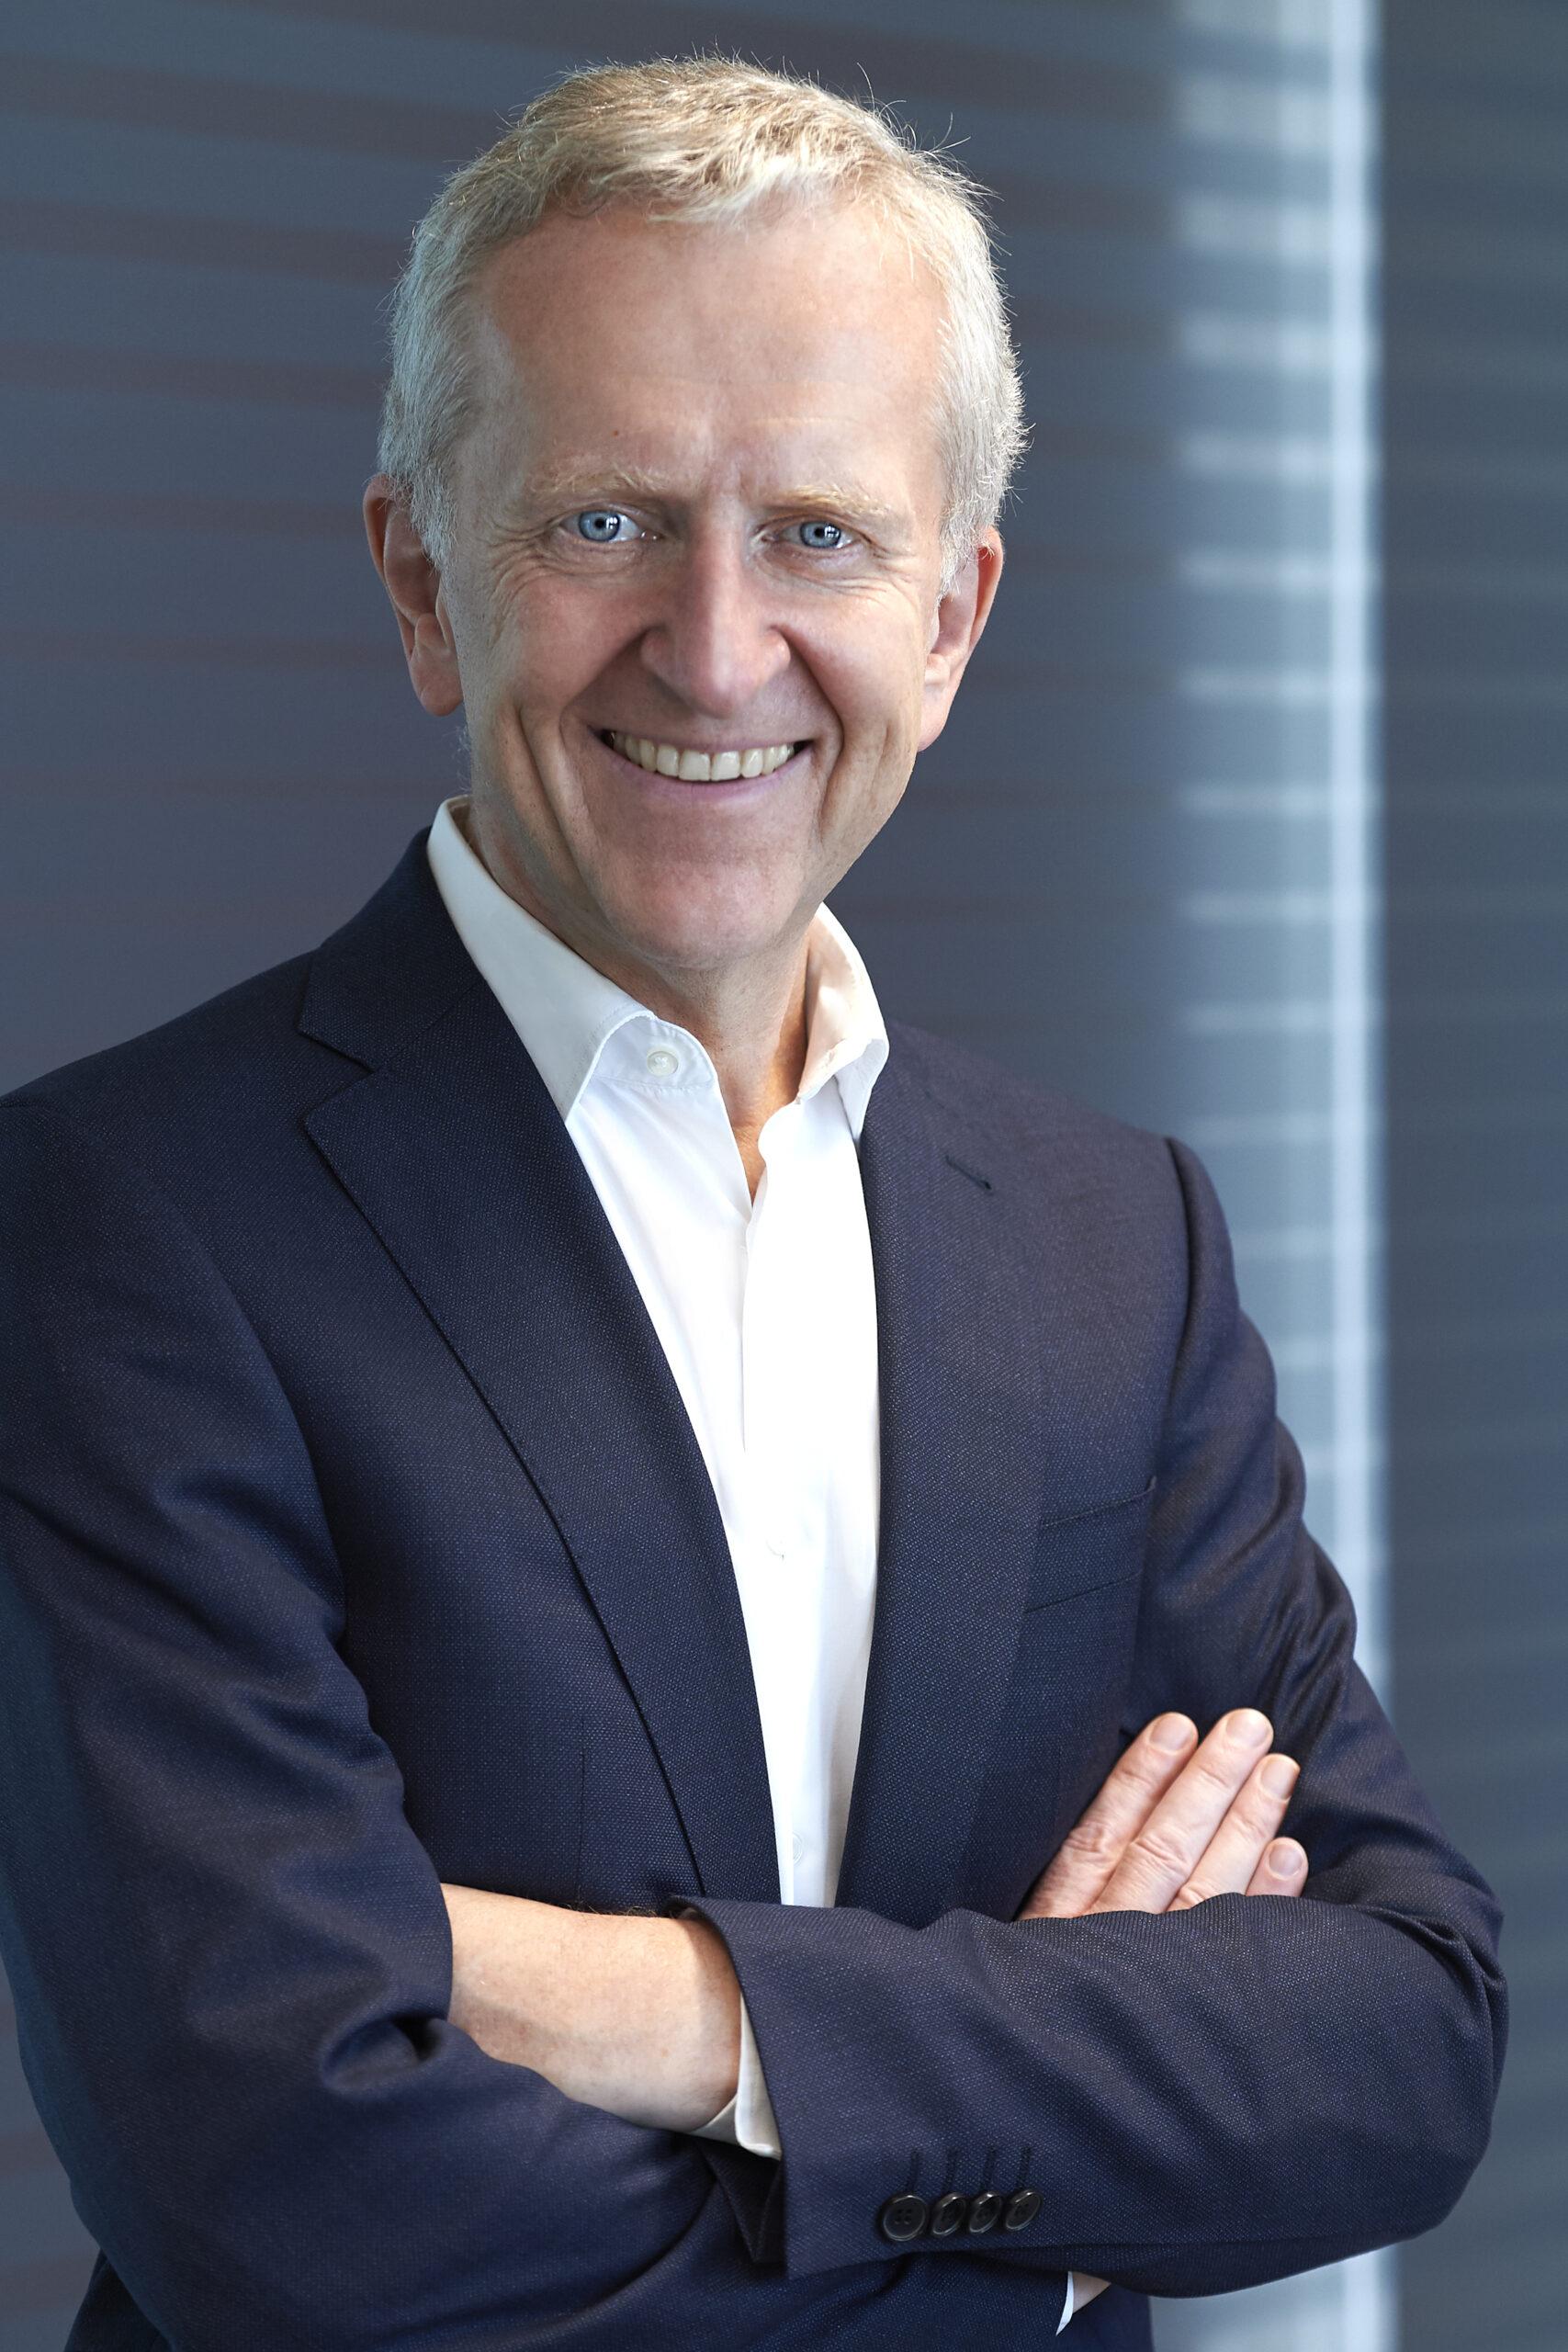 Rupert Lehner